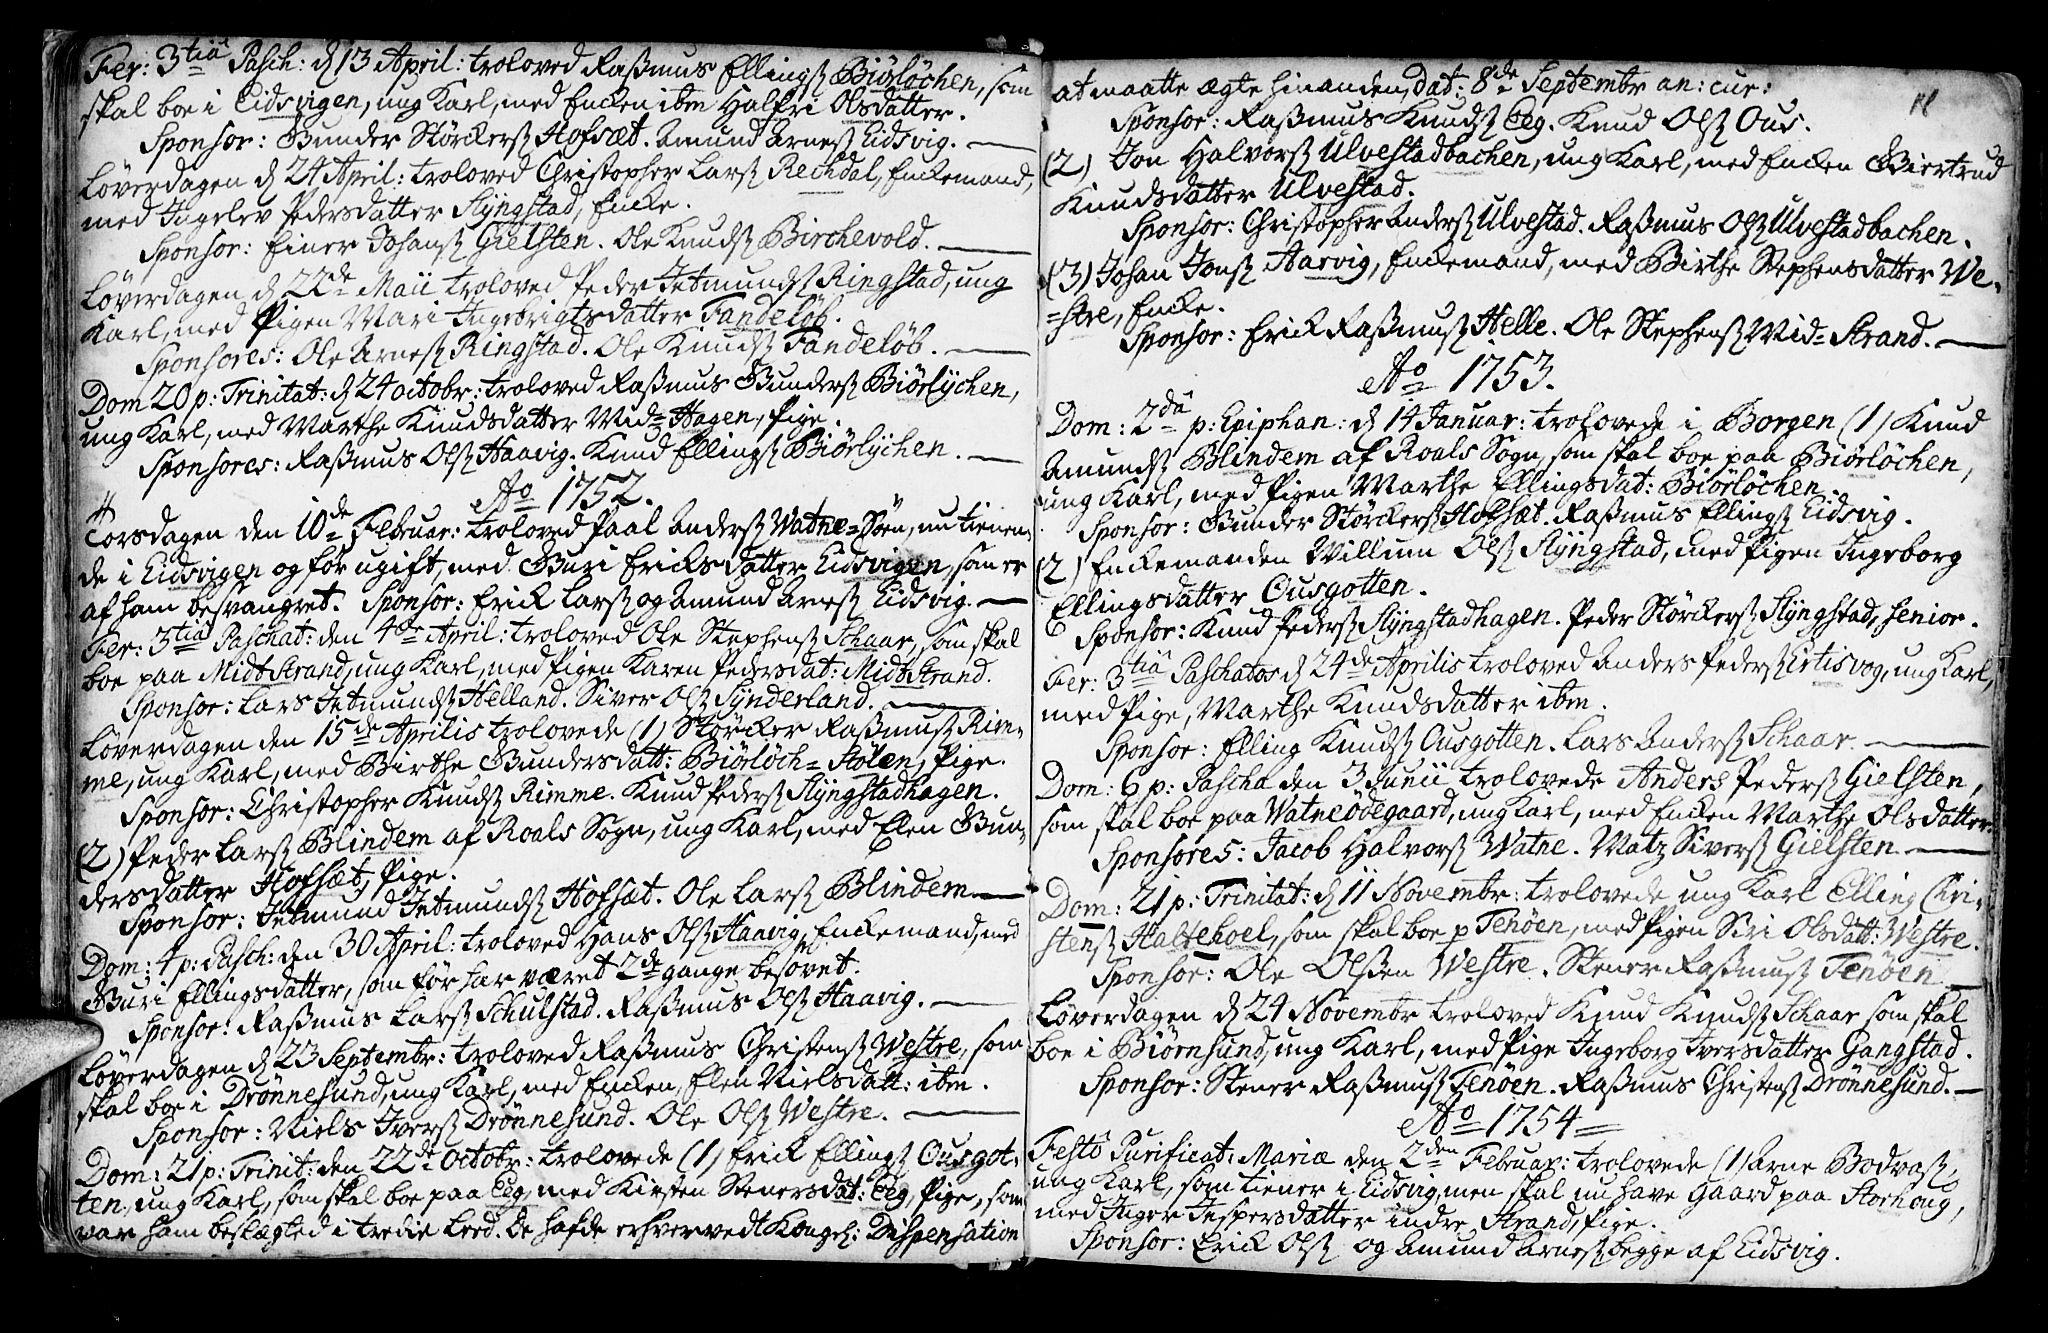 SAT, Ministerialprotokoller, klokkerbøker og fødselsregistre - Møre og Romsdal, 525/L0371: Ministerialbok nr. 525A01, 1699-1777, s. 18